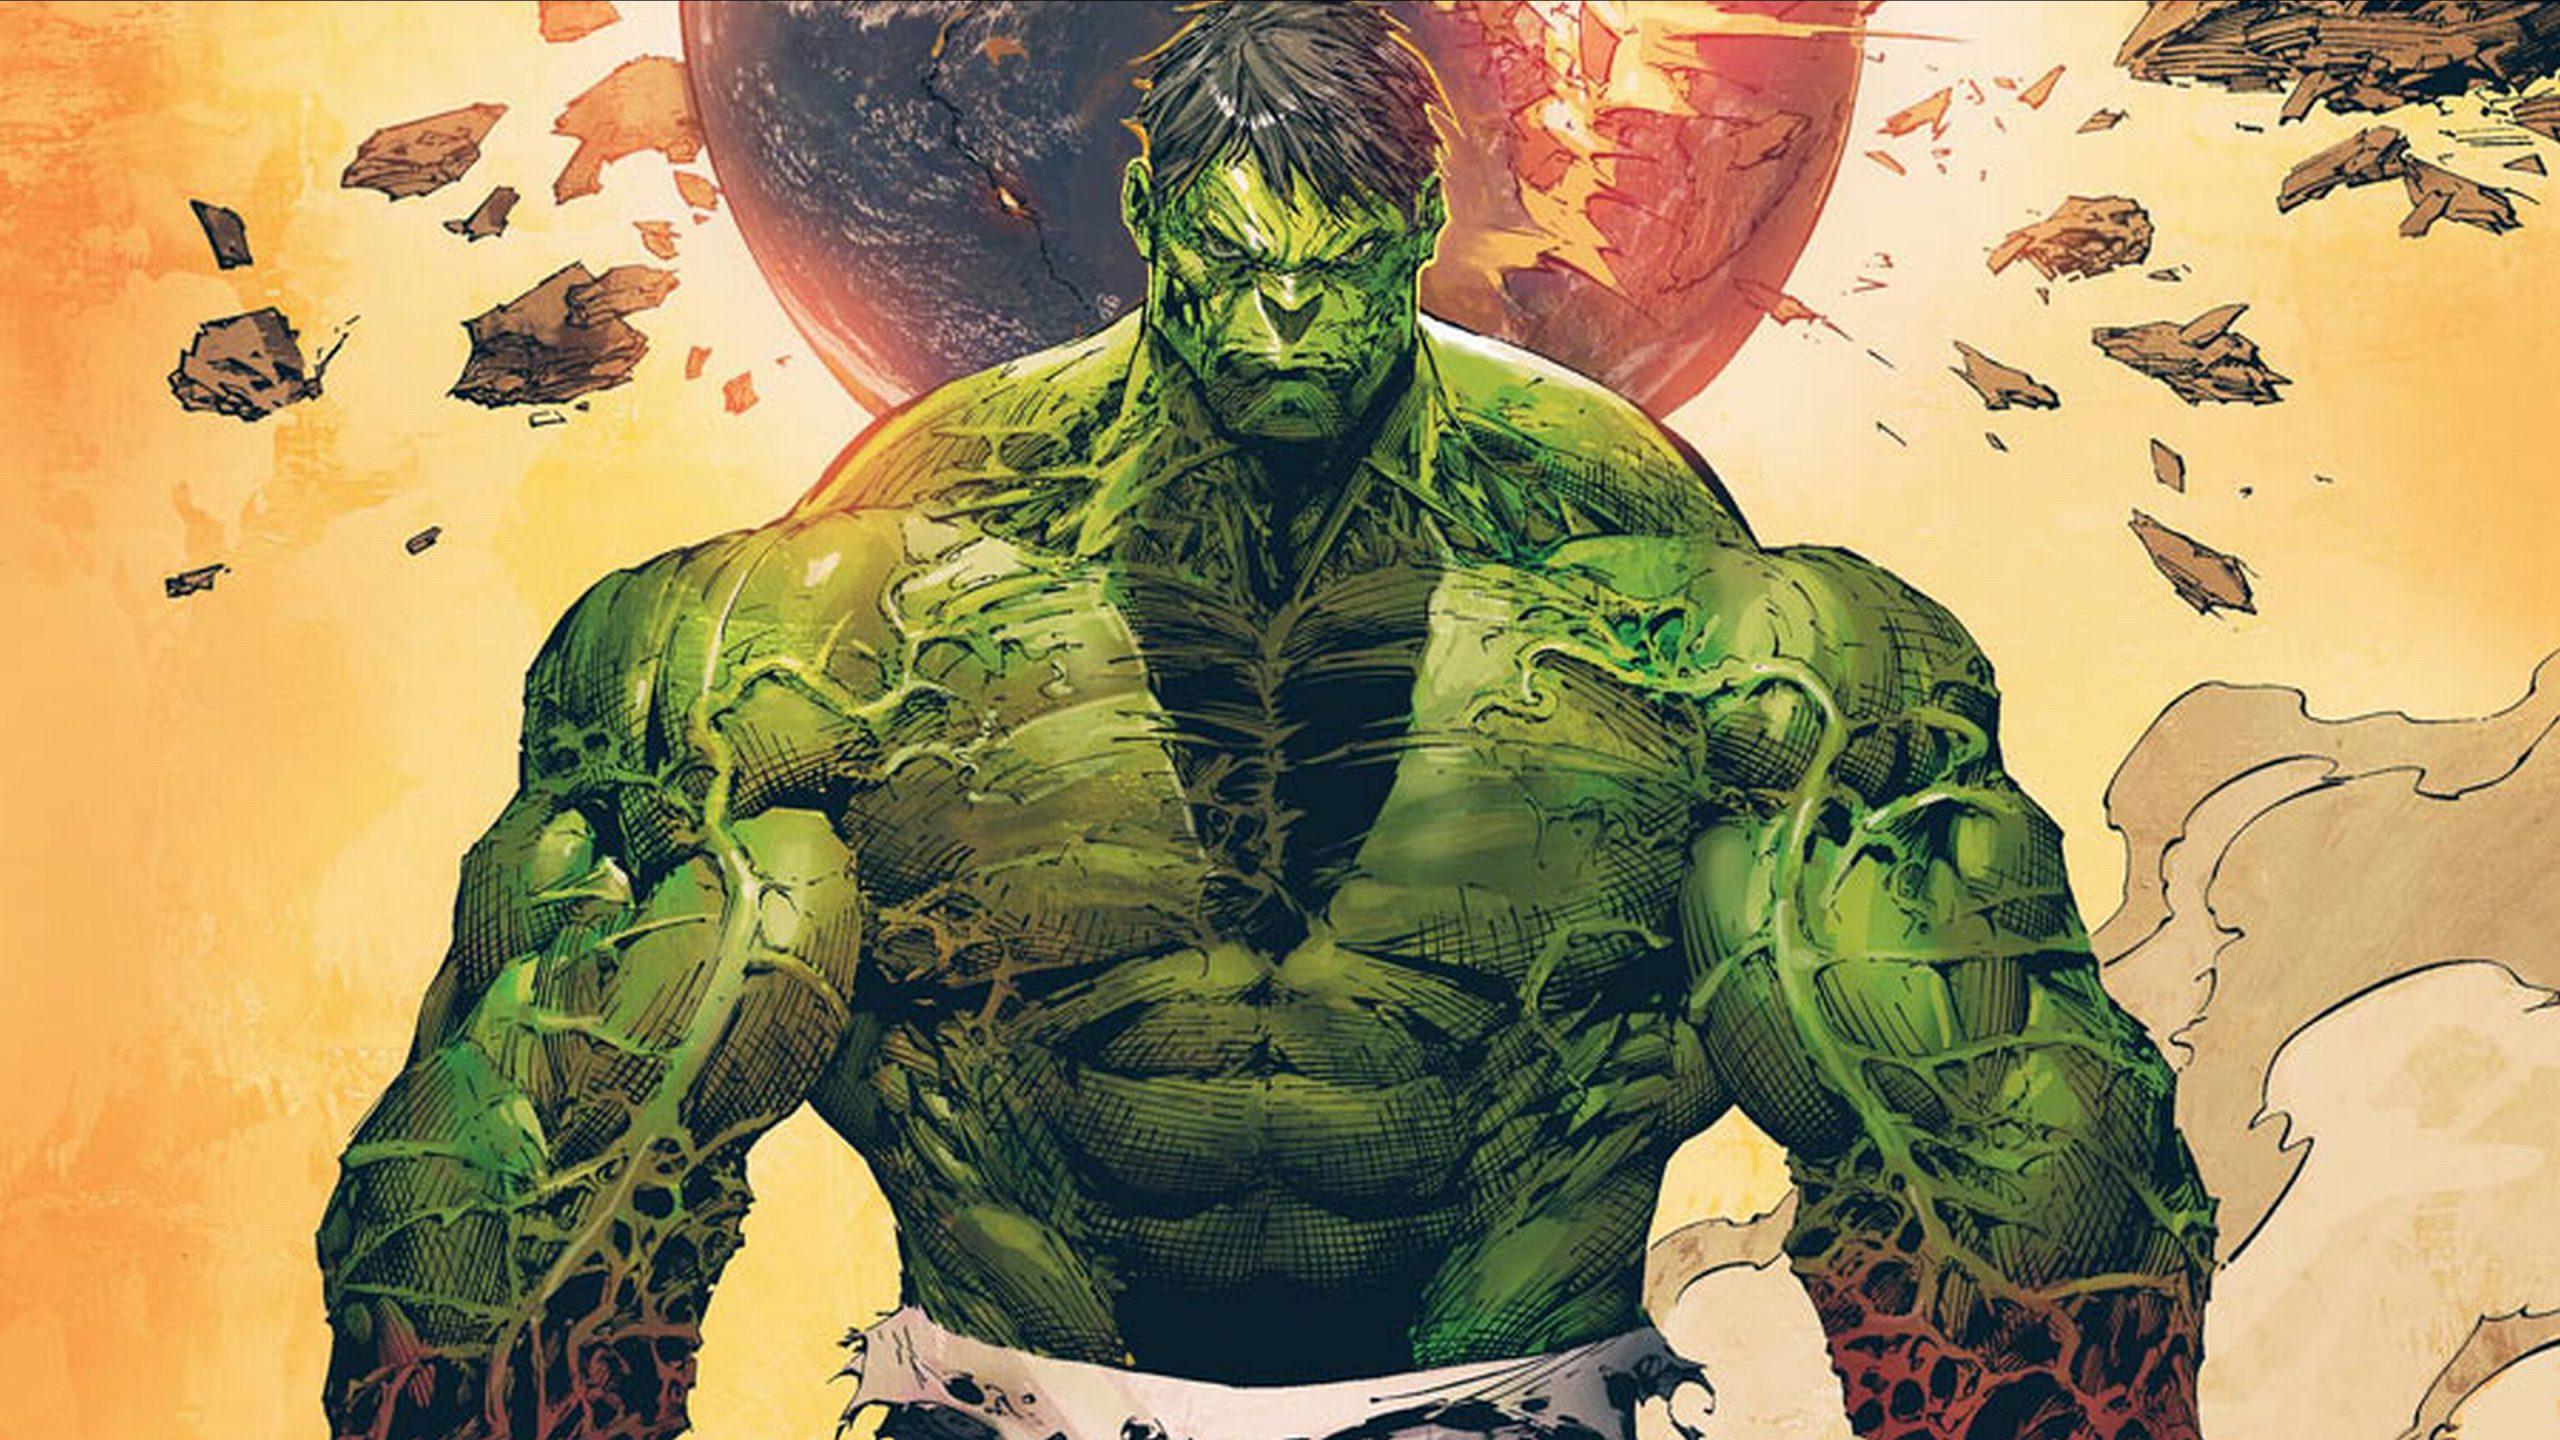 Hulk Marvel 4k Uhd Wallpaper